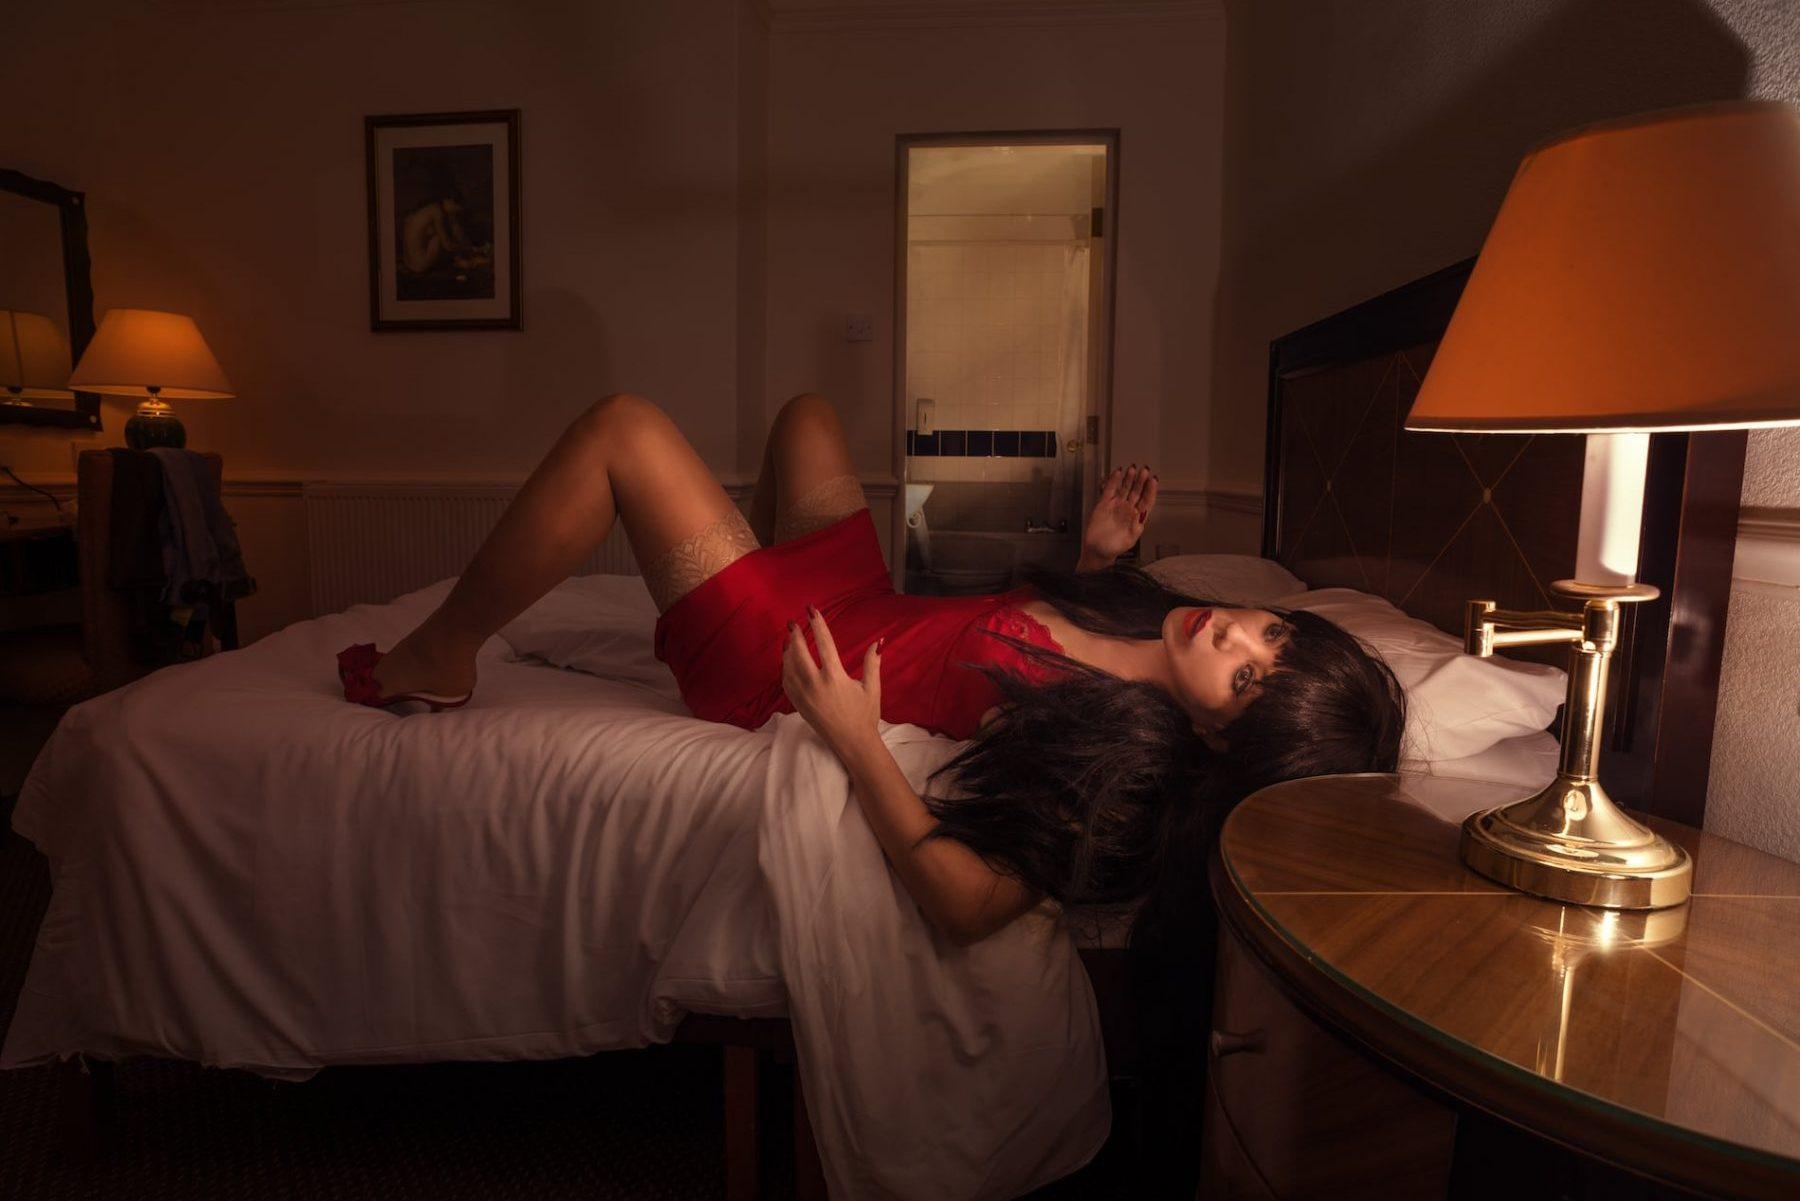 Poupée adulte posée sur un lit.